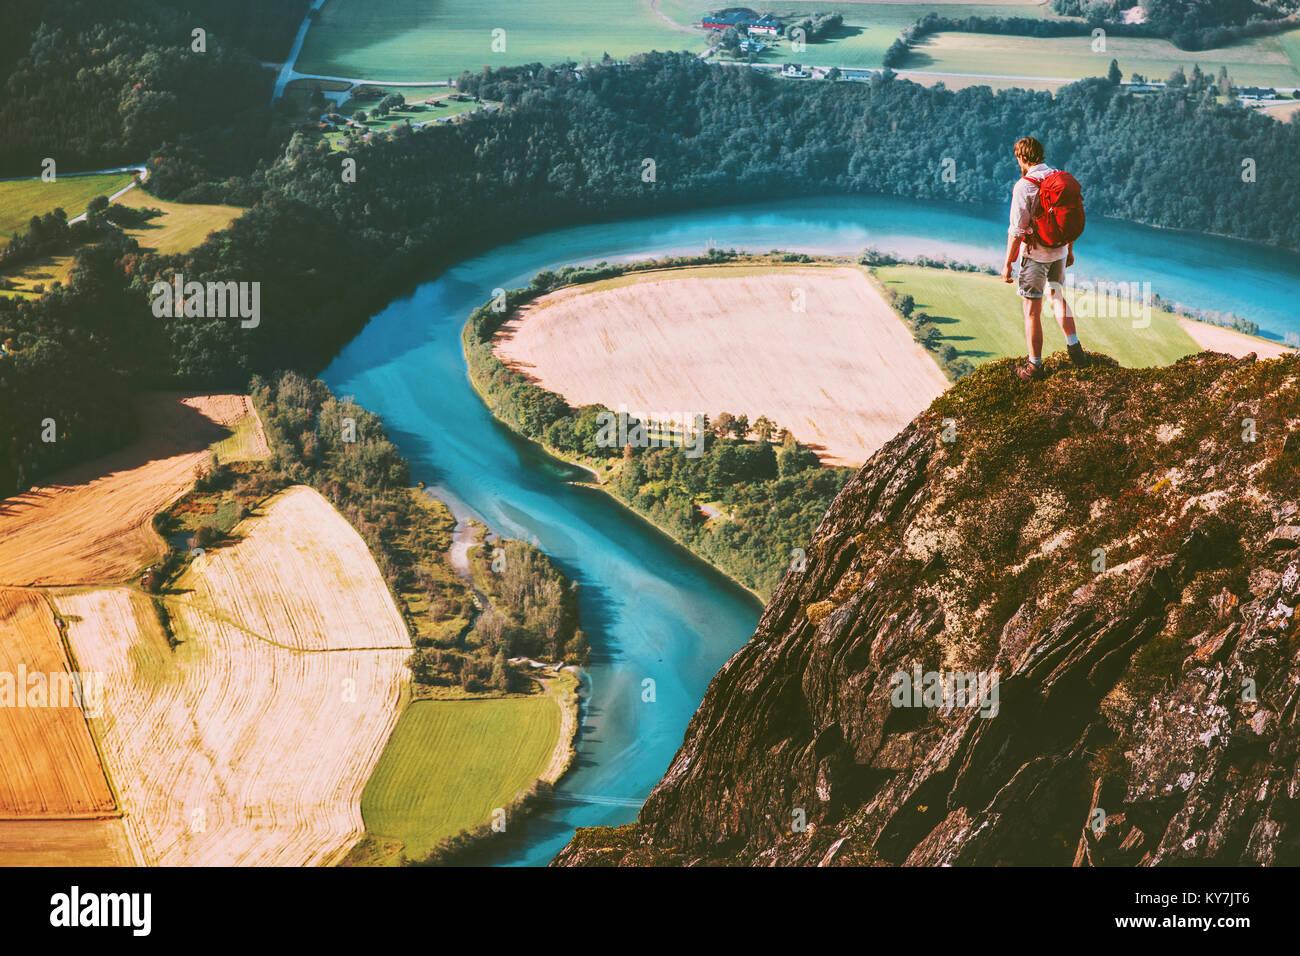 Reisen Mann auf Berge Klippe mit Rucksack Abenteuer lifestyle Konzept aktiven Wochenende Sommerferien Fluss Luftaufnahme Stockbild